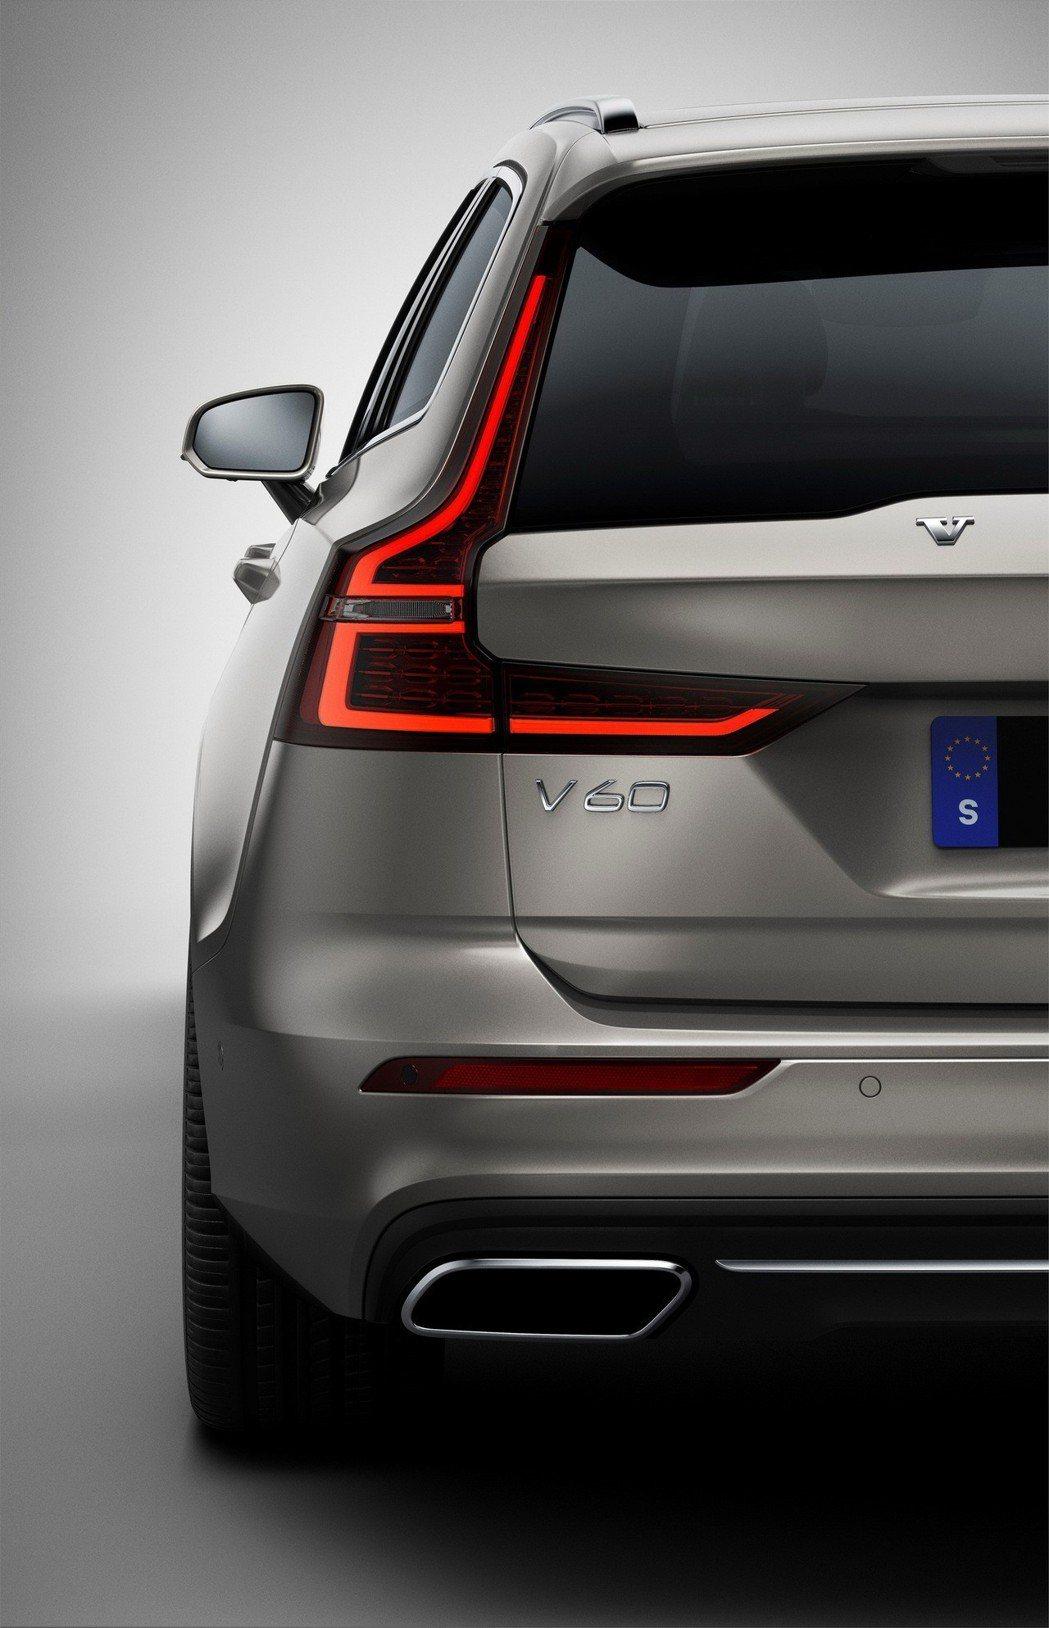 與V90做區別 V60LED尾燈中間多了橫柵。 摘自Volvo